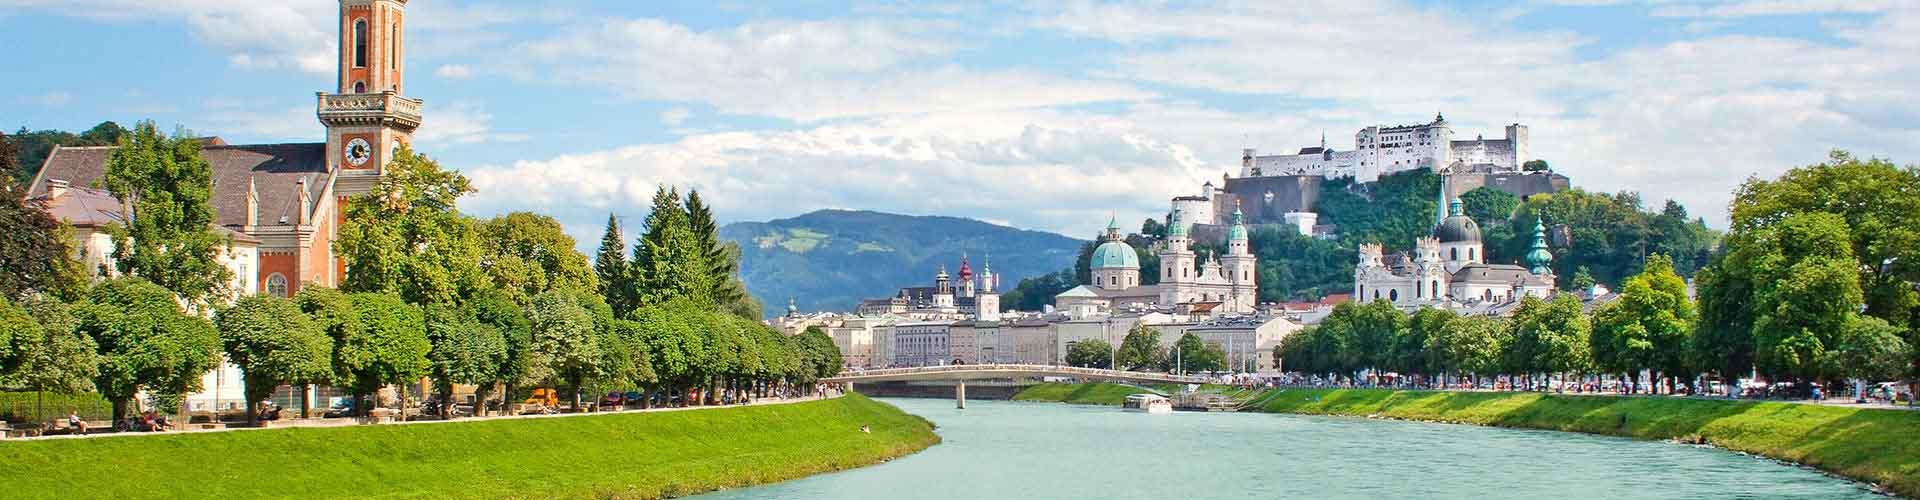 Salzbourg - Appartments à Salzbourg. Cartes pour Salzbourg, photos et commentaires pour chaque appartement à Salzbourg.